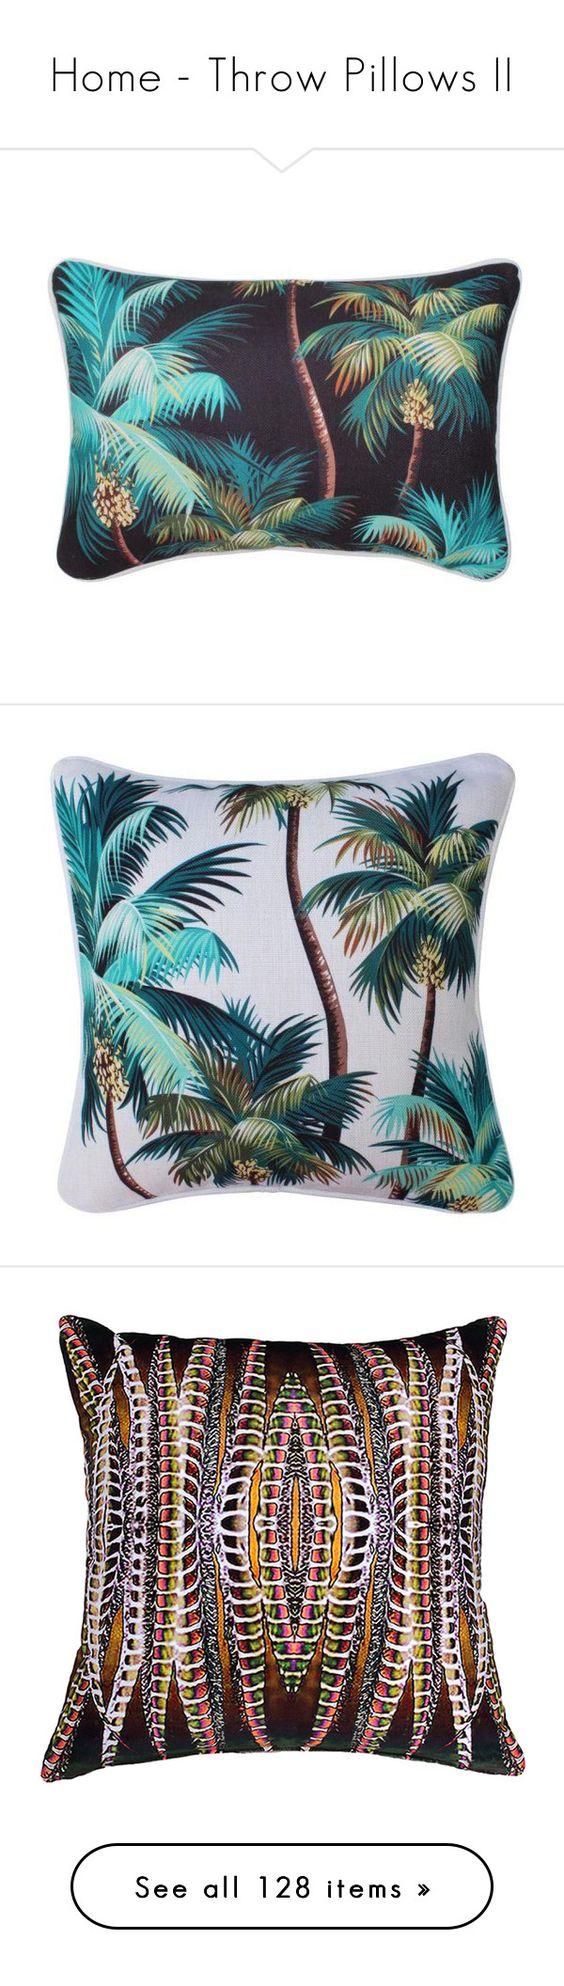 Inspirational Comfy Decorative Pillows